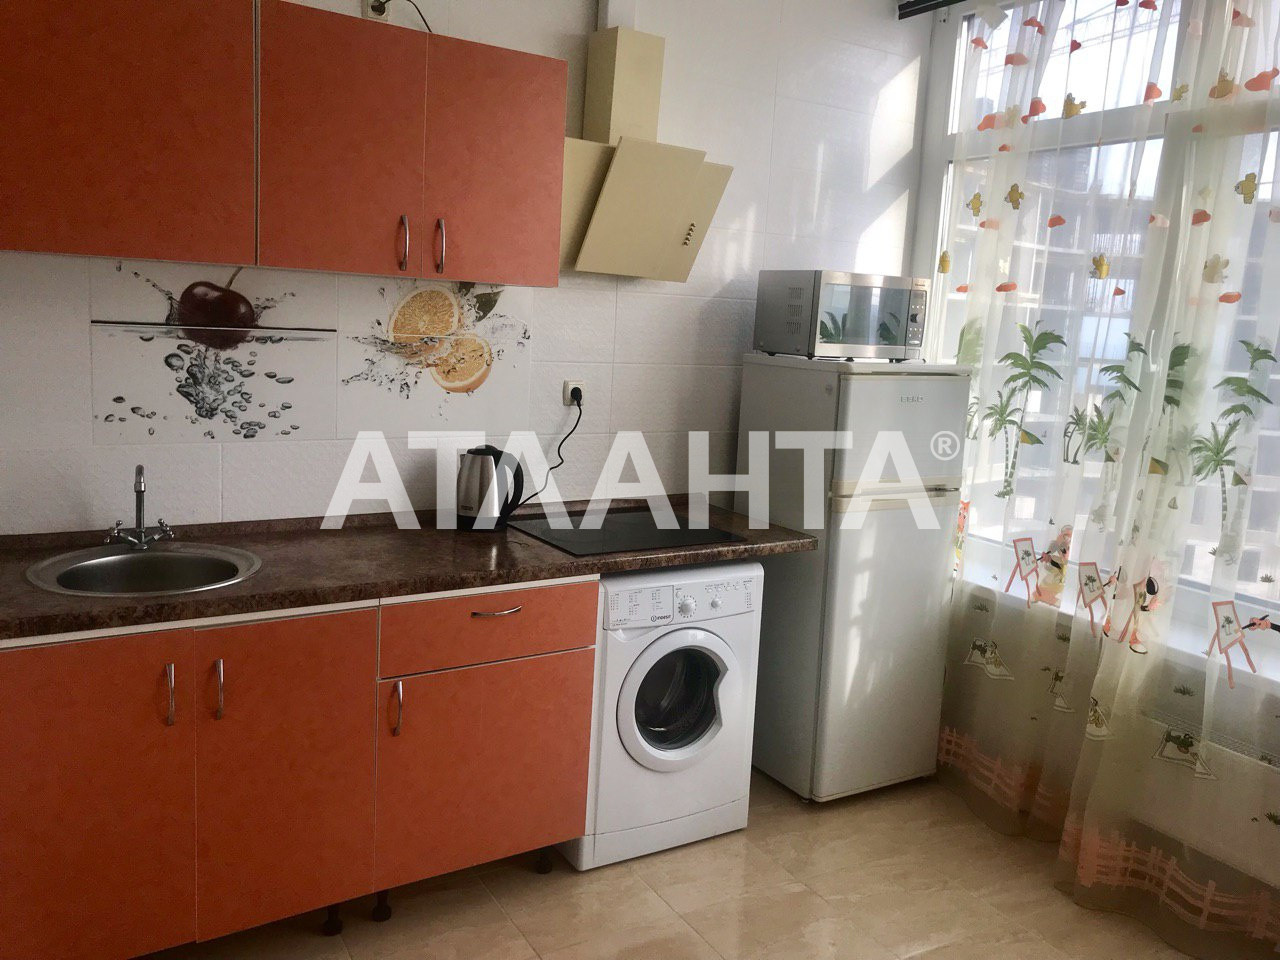 Продается 1-комнатная Квартира на ул. Каманина — 45 500 у.е. (фото №6)